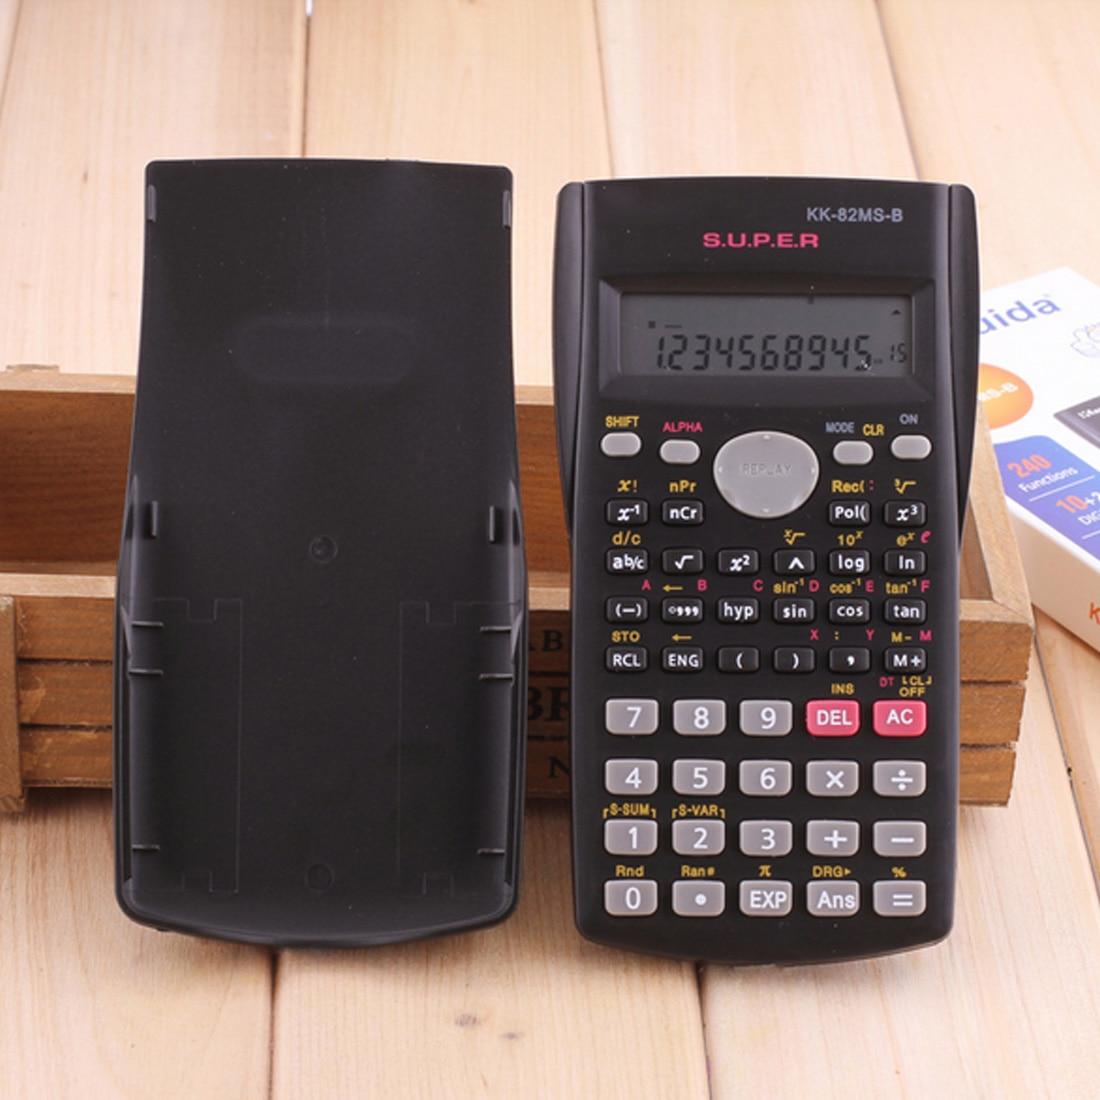 Tenuto in Mano Delle Studente Calcolatrice Scientifica 2 Linea di Display 82MS-B Portatile Multifunzionale Calcolatrice per L'insegnamento Della Matematica